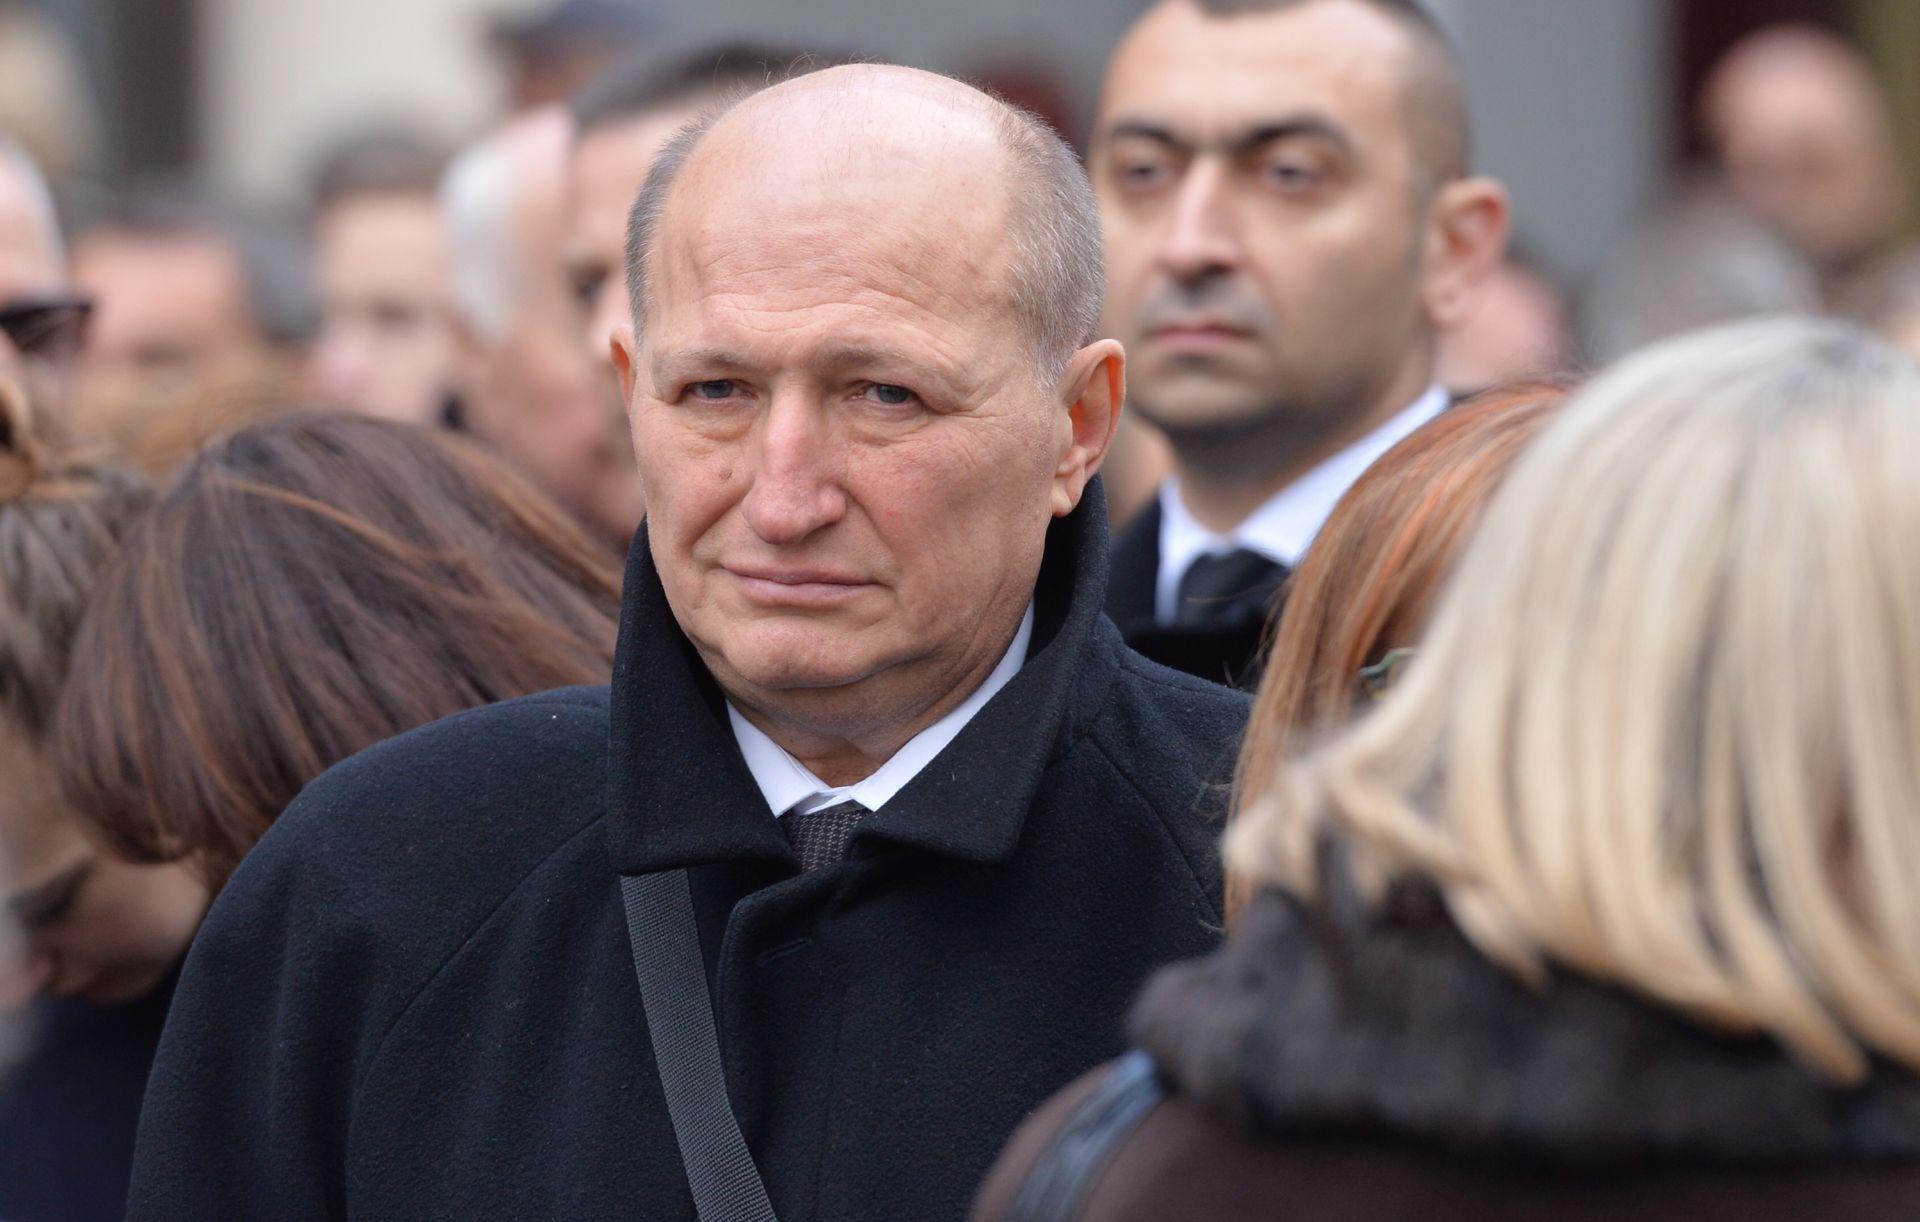 Šeparović: Nema mjesta za djelovanje Ustavnog suda – sve se dešava u sklopu legitimne političke borbe